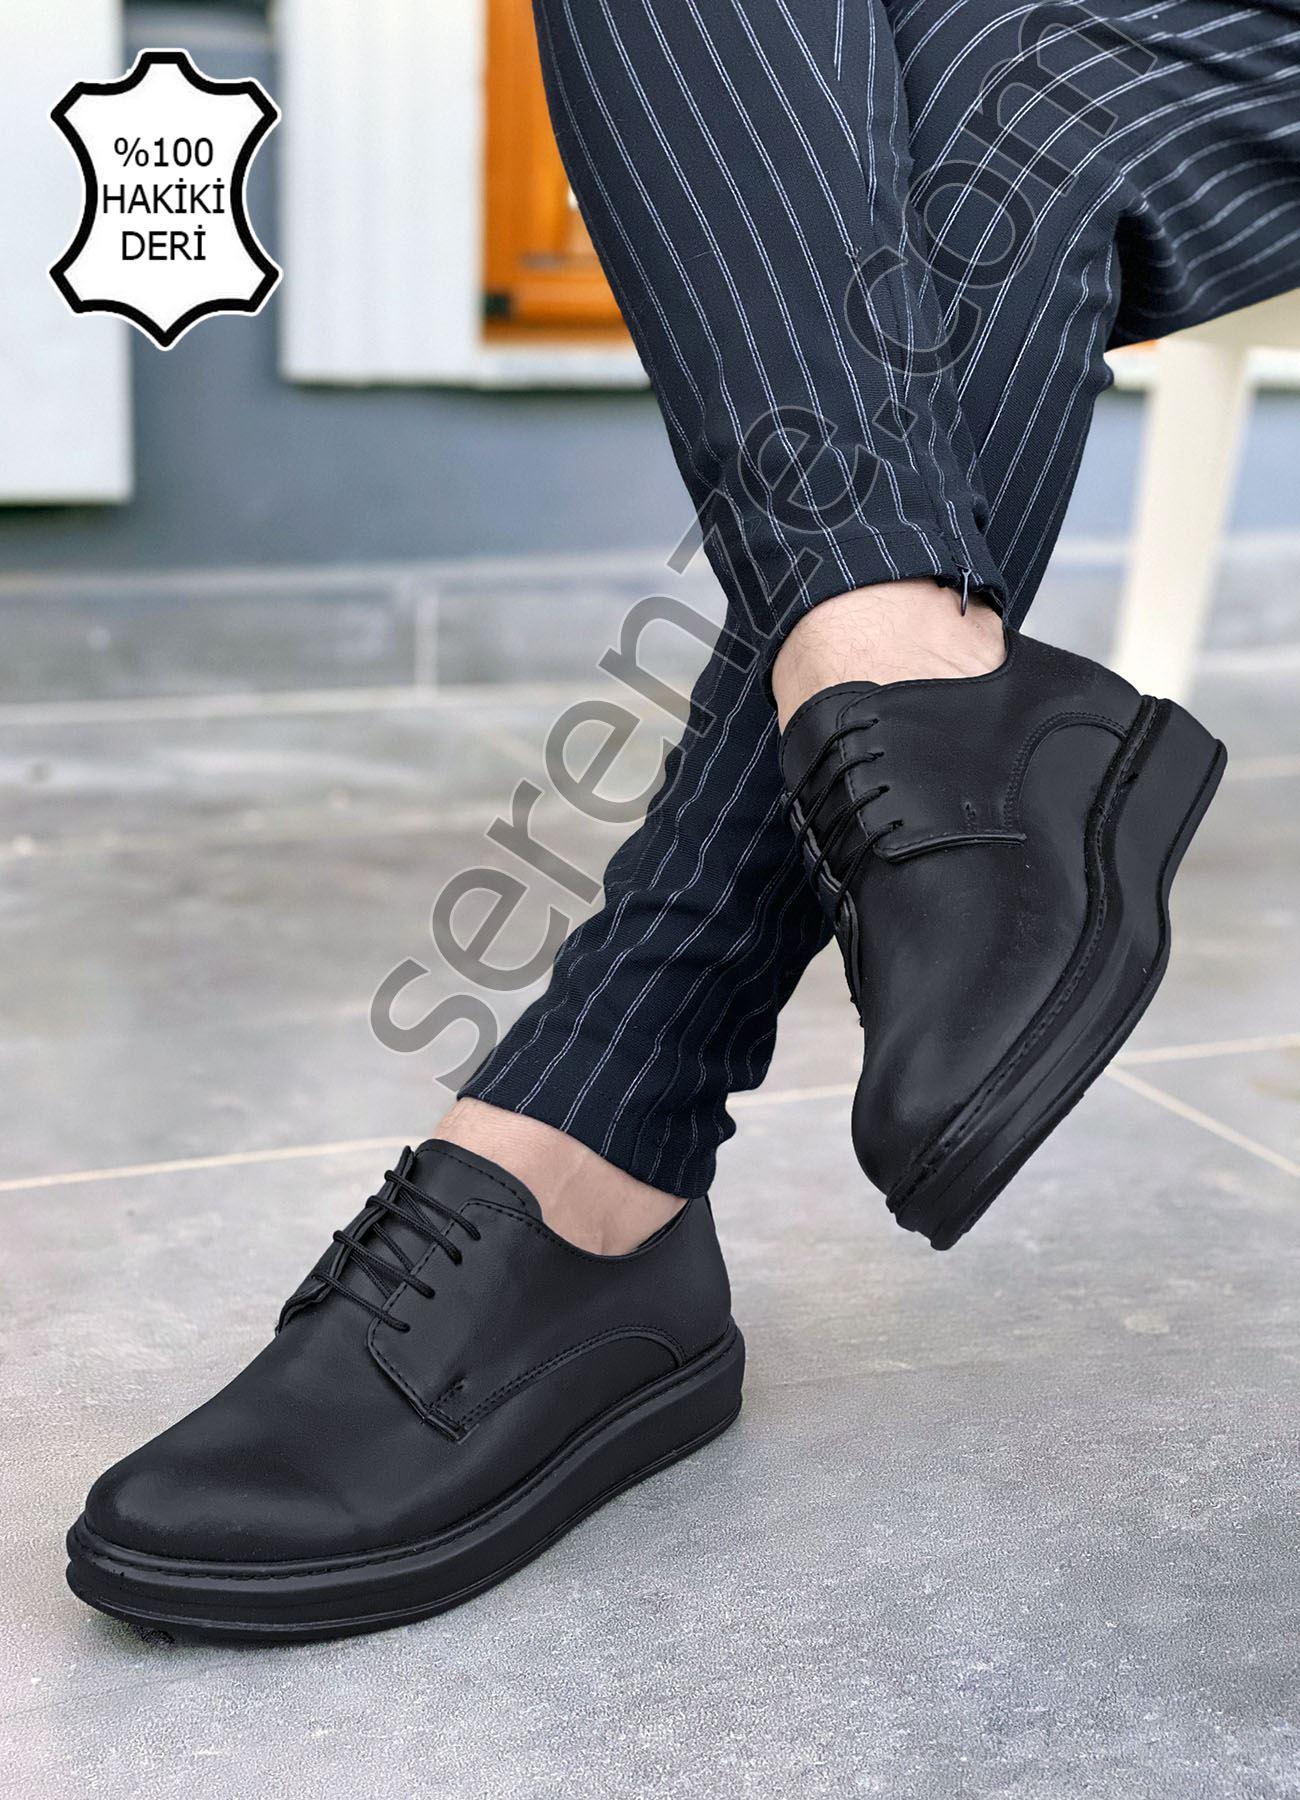 Siyah Hakiki Deri Bağcıklı Kalın Taban Erkek Klasik Ayakkabı